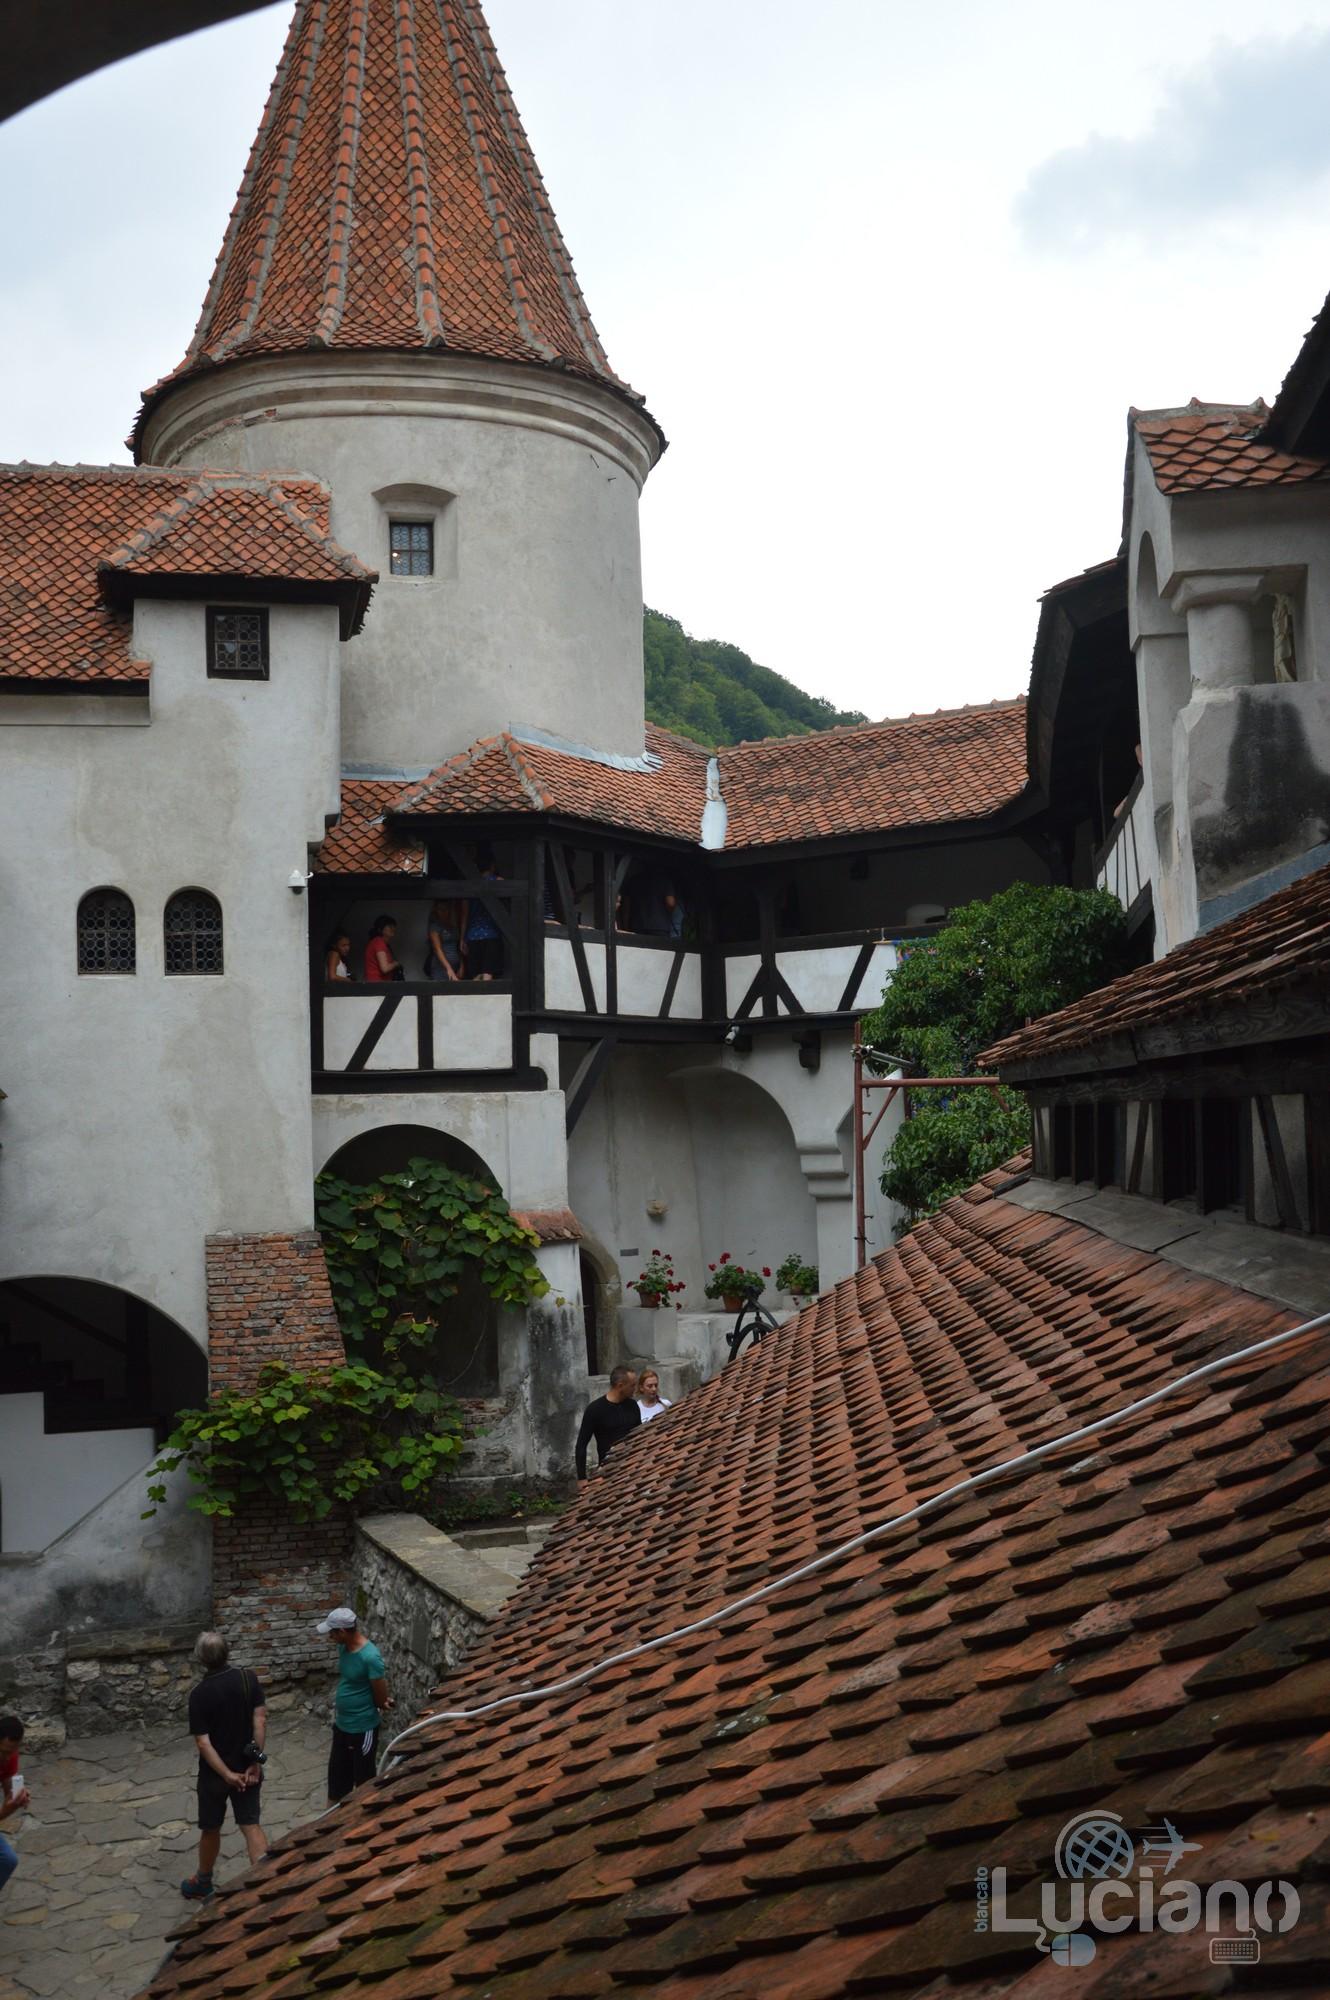 castello-di-dracula-castello-di-bran-luciano-blancato (37)